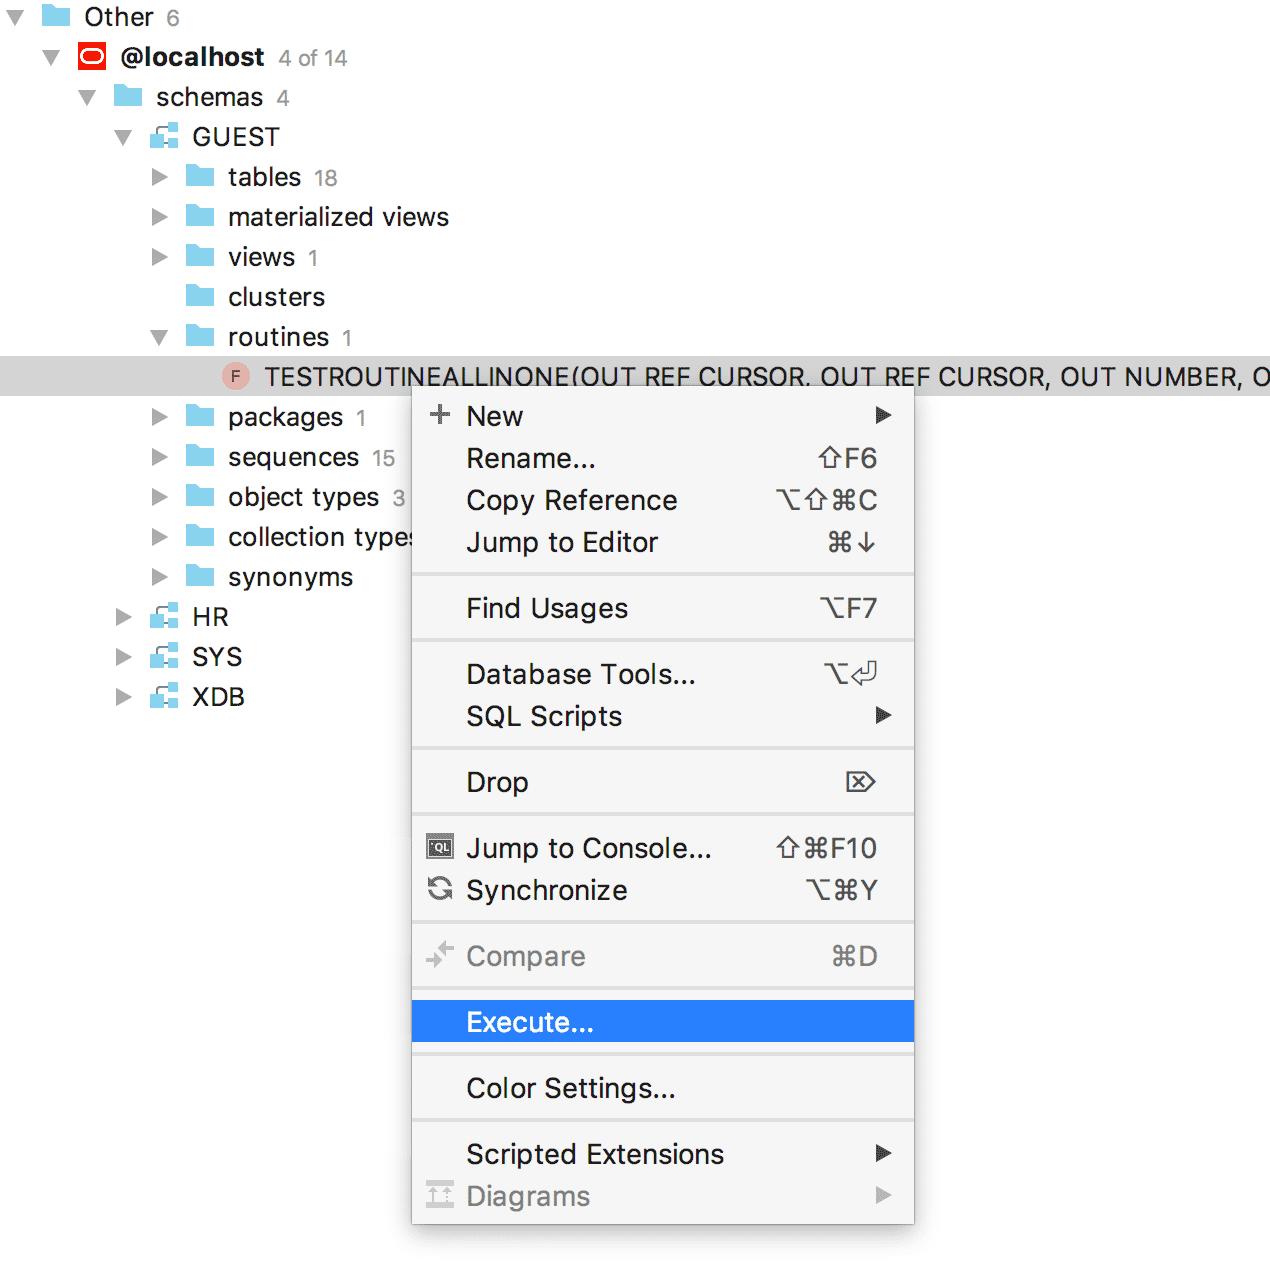 Gespeicherte Prozeduren lassen sich in DataGrip aus dem Kontextmenü ausführen.